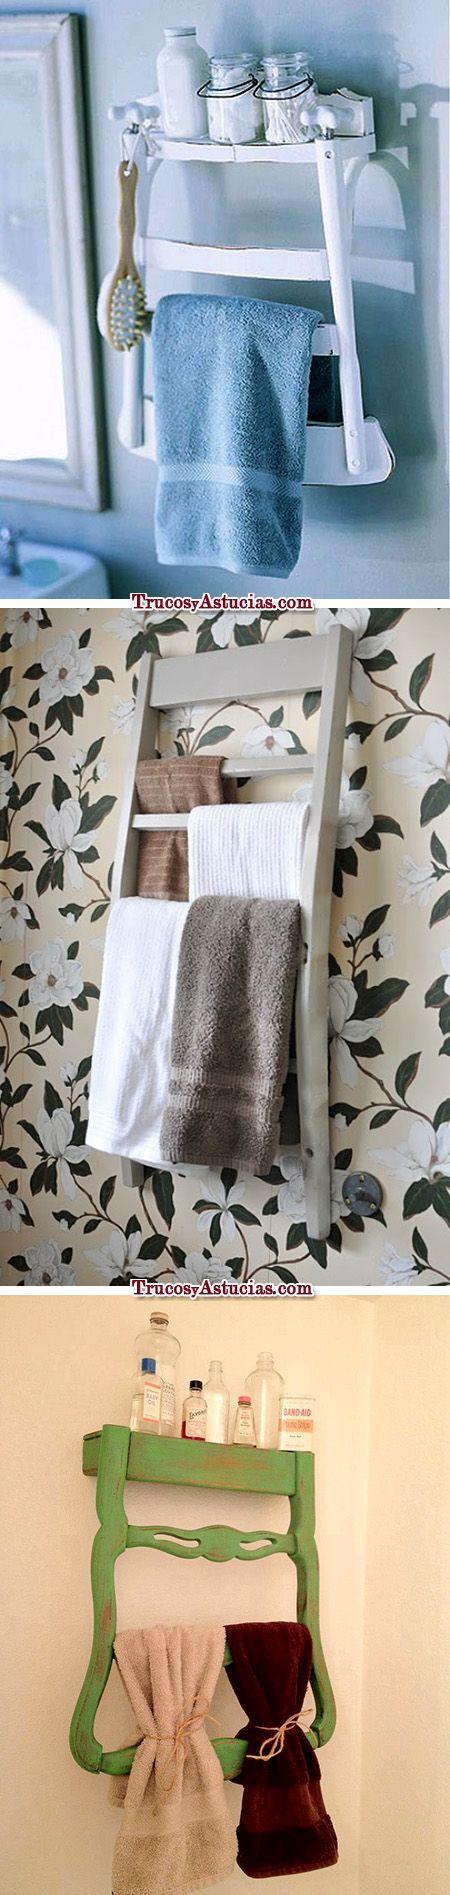 #toalleros #originales hechos con #sillas #recicladas y #reutiliadas / #original #towel #shelves made with #repurposed #chairs. Más objetos hechos con sillas recicladas / More stuff made with #upcycled chairs: http://trucosyastucias.com/astucias/reciclar-sillas #upcycle #reciclar #DIY #upcycling #decoracion #decoration #tips #trucos #ideas #bricolaje #home #casa #estanteria #shelf #crafts #manualidades #wall #pared #ideas #wood #madera #bathroom #toilet #baño